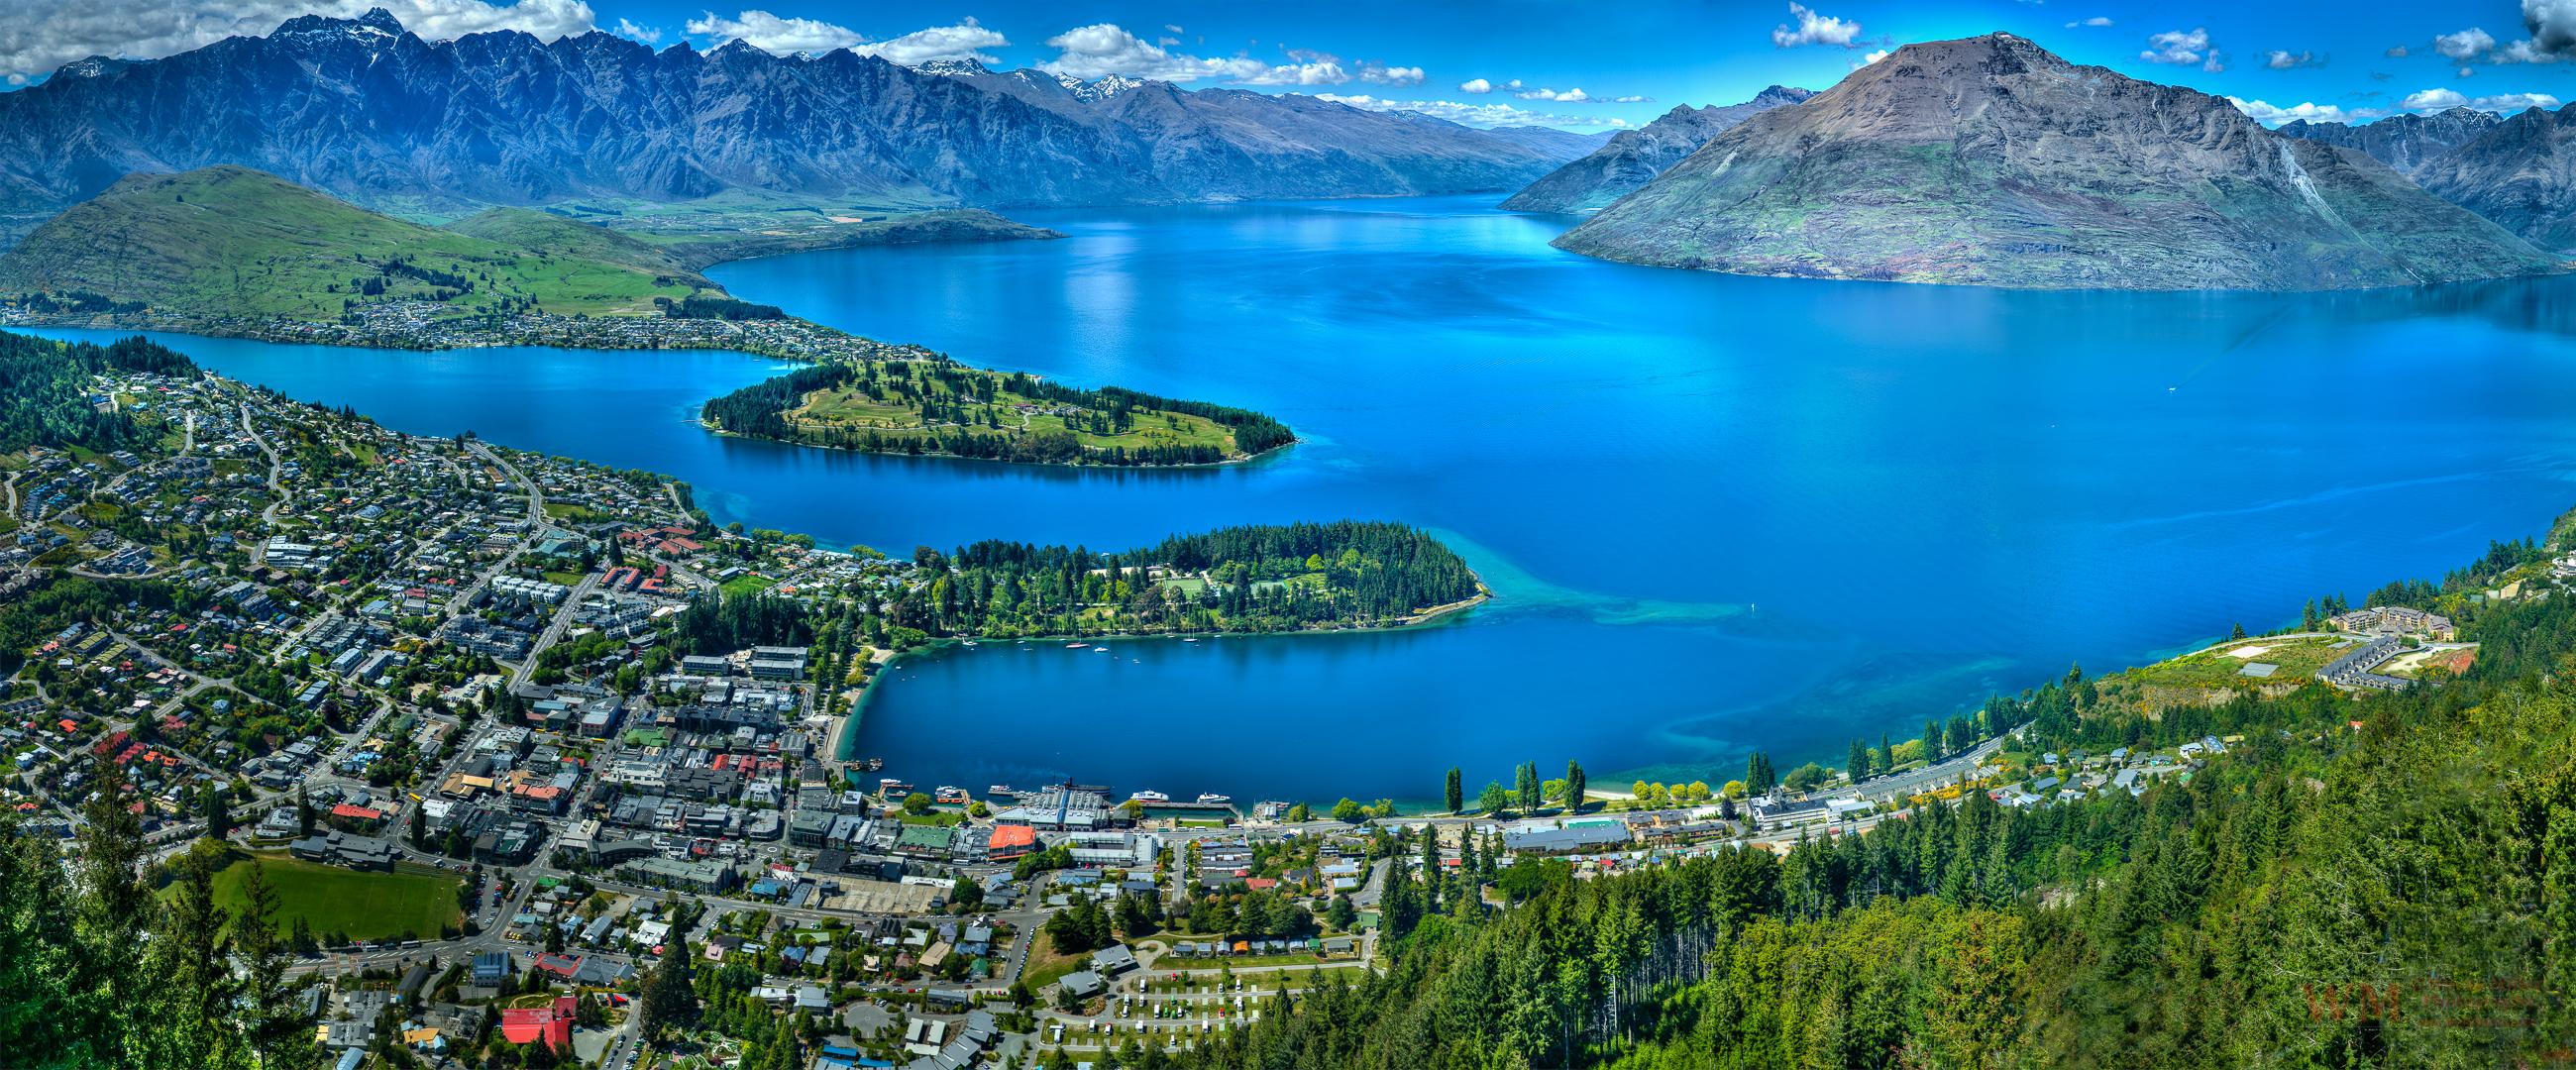 этом обзоре фото новая зеландия фото Калининград Твой